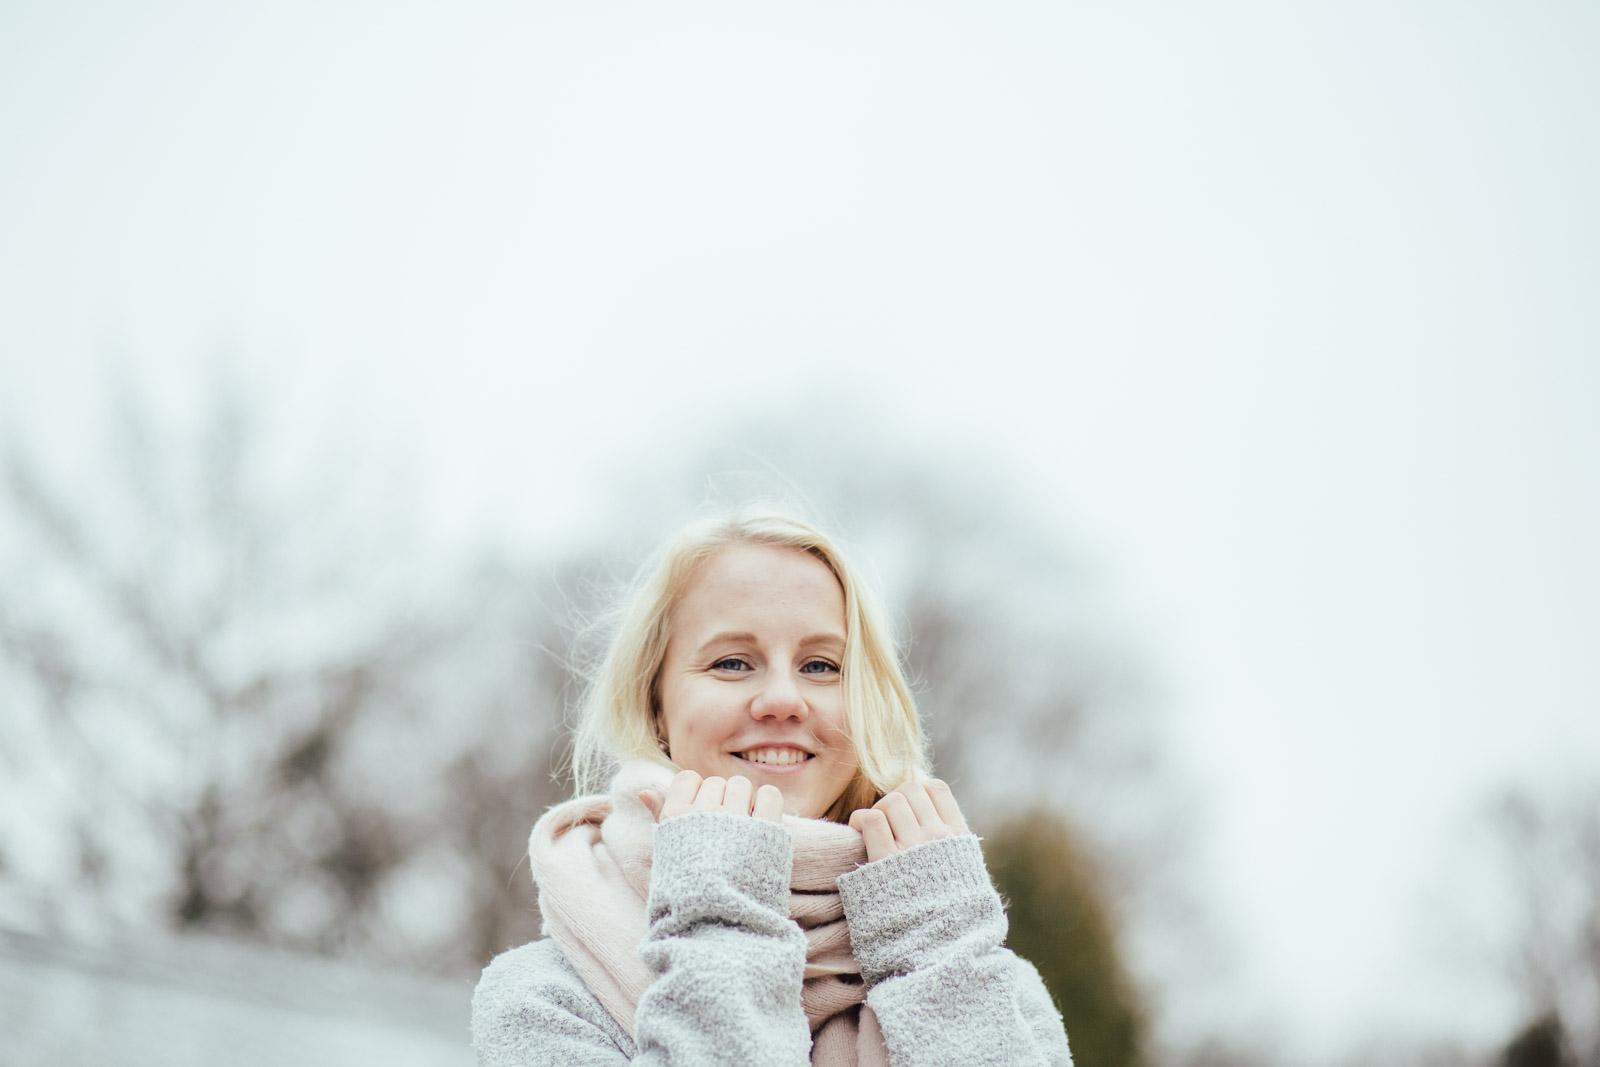 Muotokuvaus Helsingissä Valokuvaaja Studio Metsä